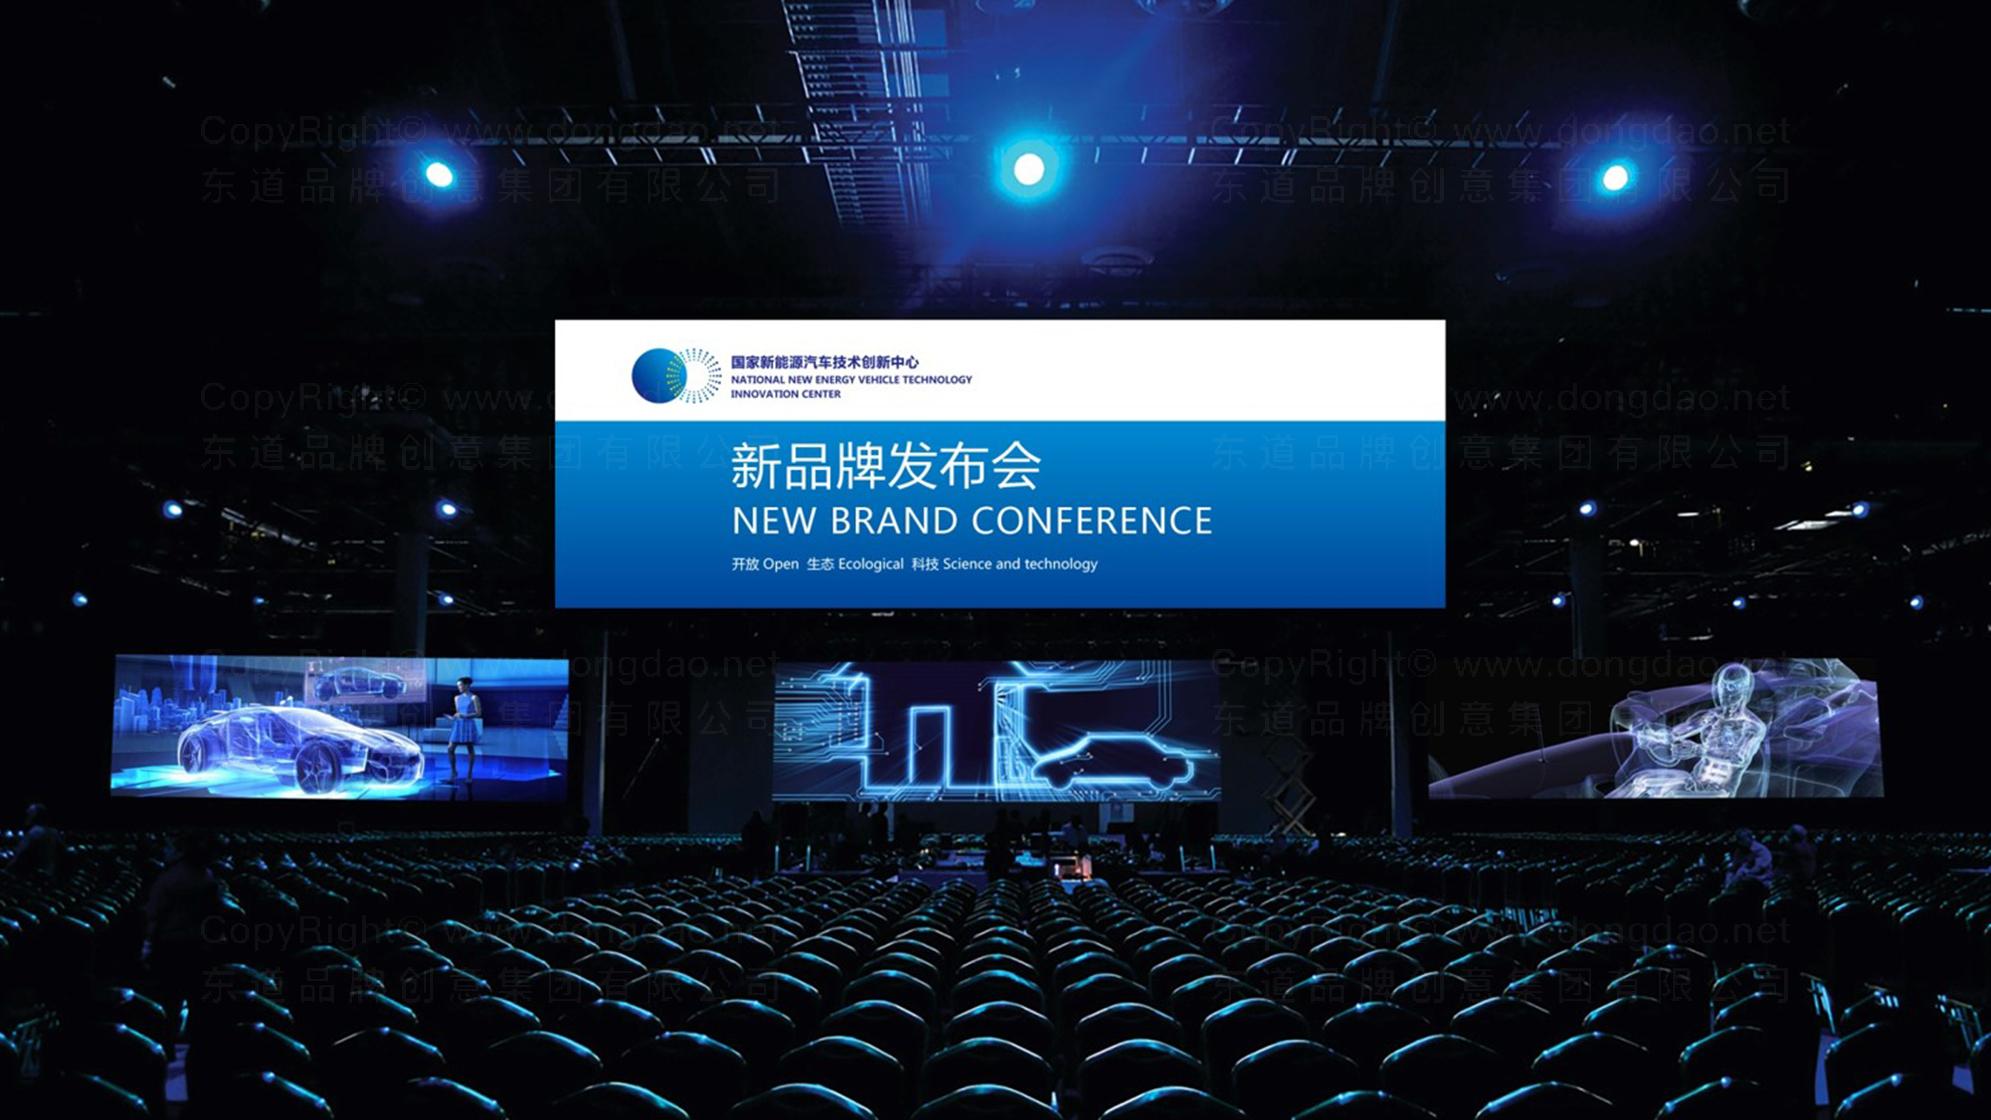 品牌设计国家新能源汽车技术创新中心标志设计应用场景_7